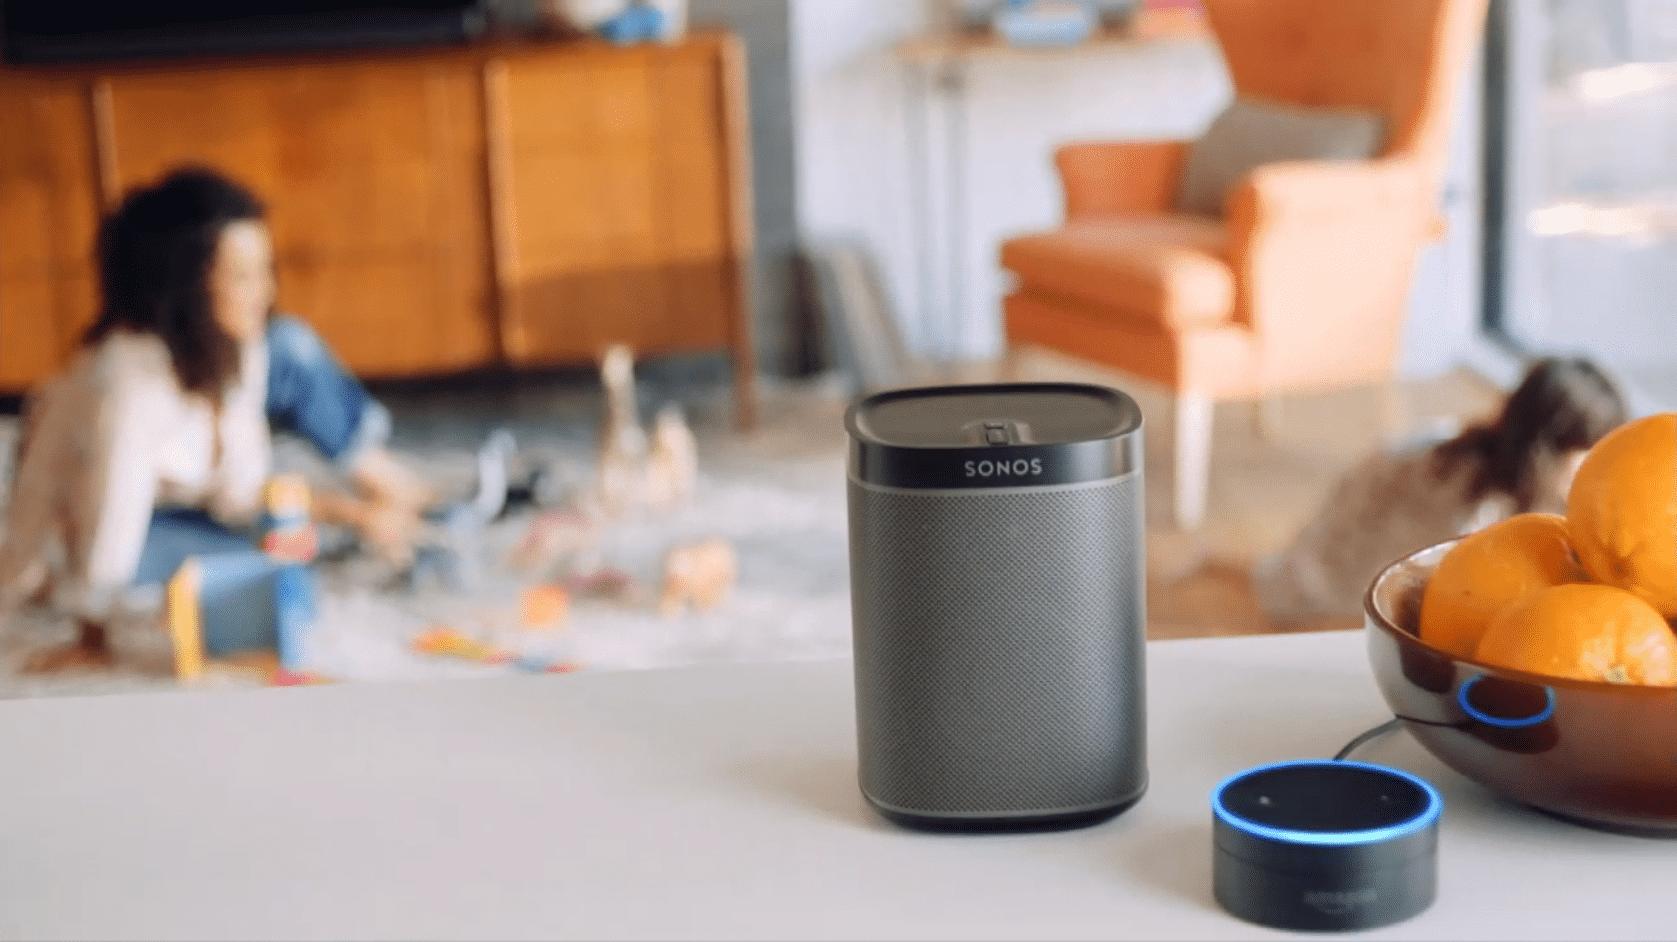 Ab 2017 soll sich das Sonos-System auch per Spracheingabe steuern lassen. Ein Echo-Device von Amazon soll die Brücke schlagen.